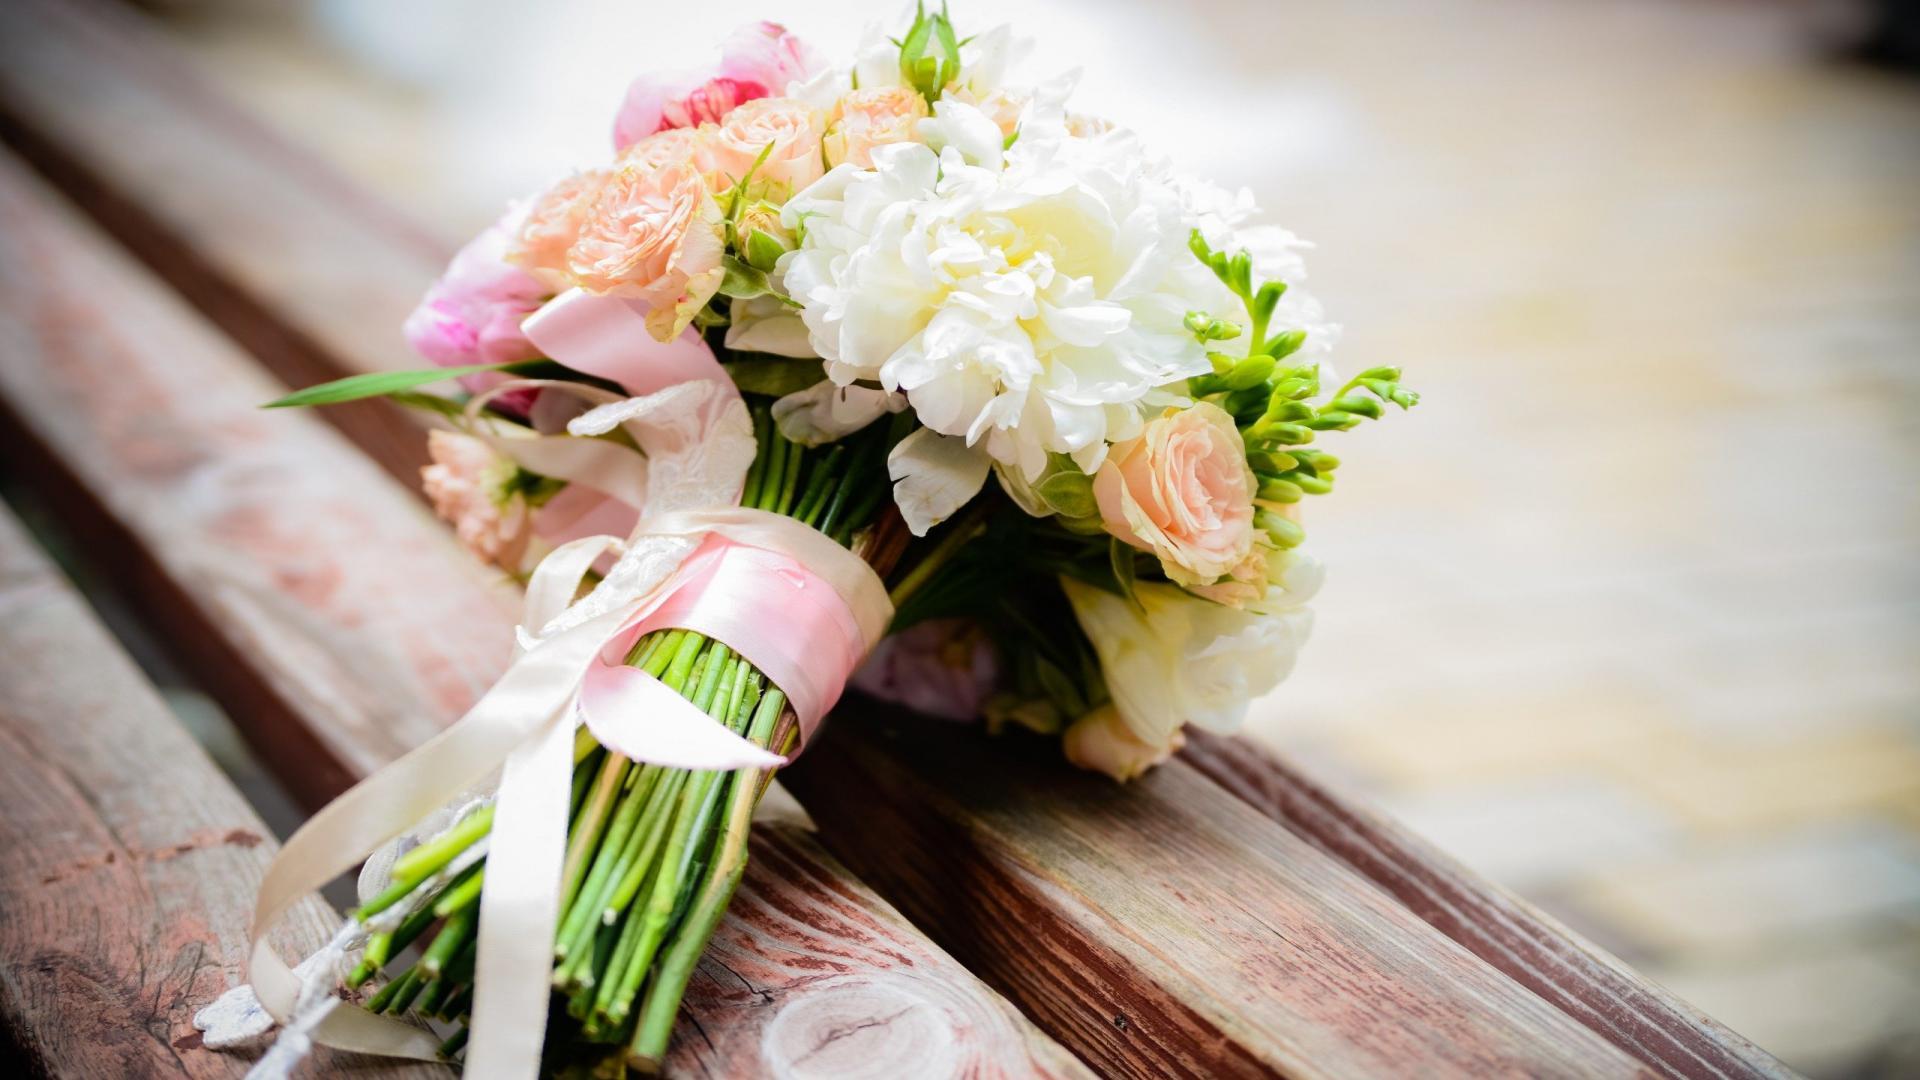 Hình nền bó hoa đẹp